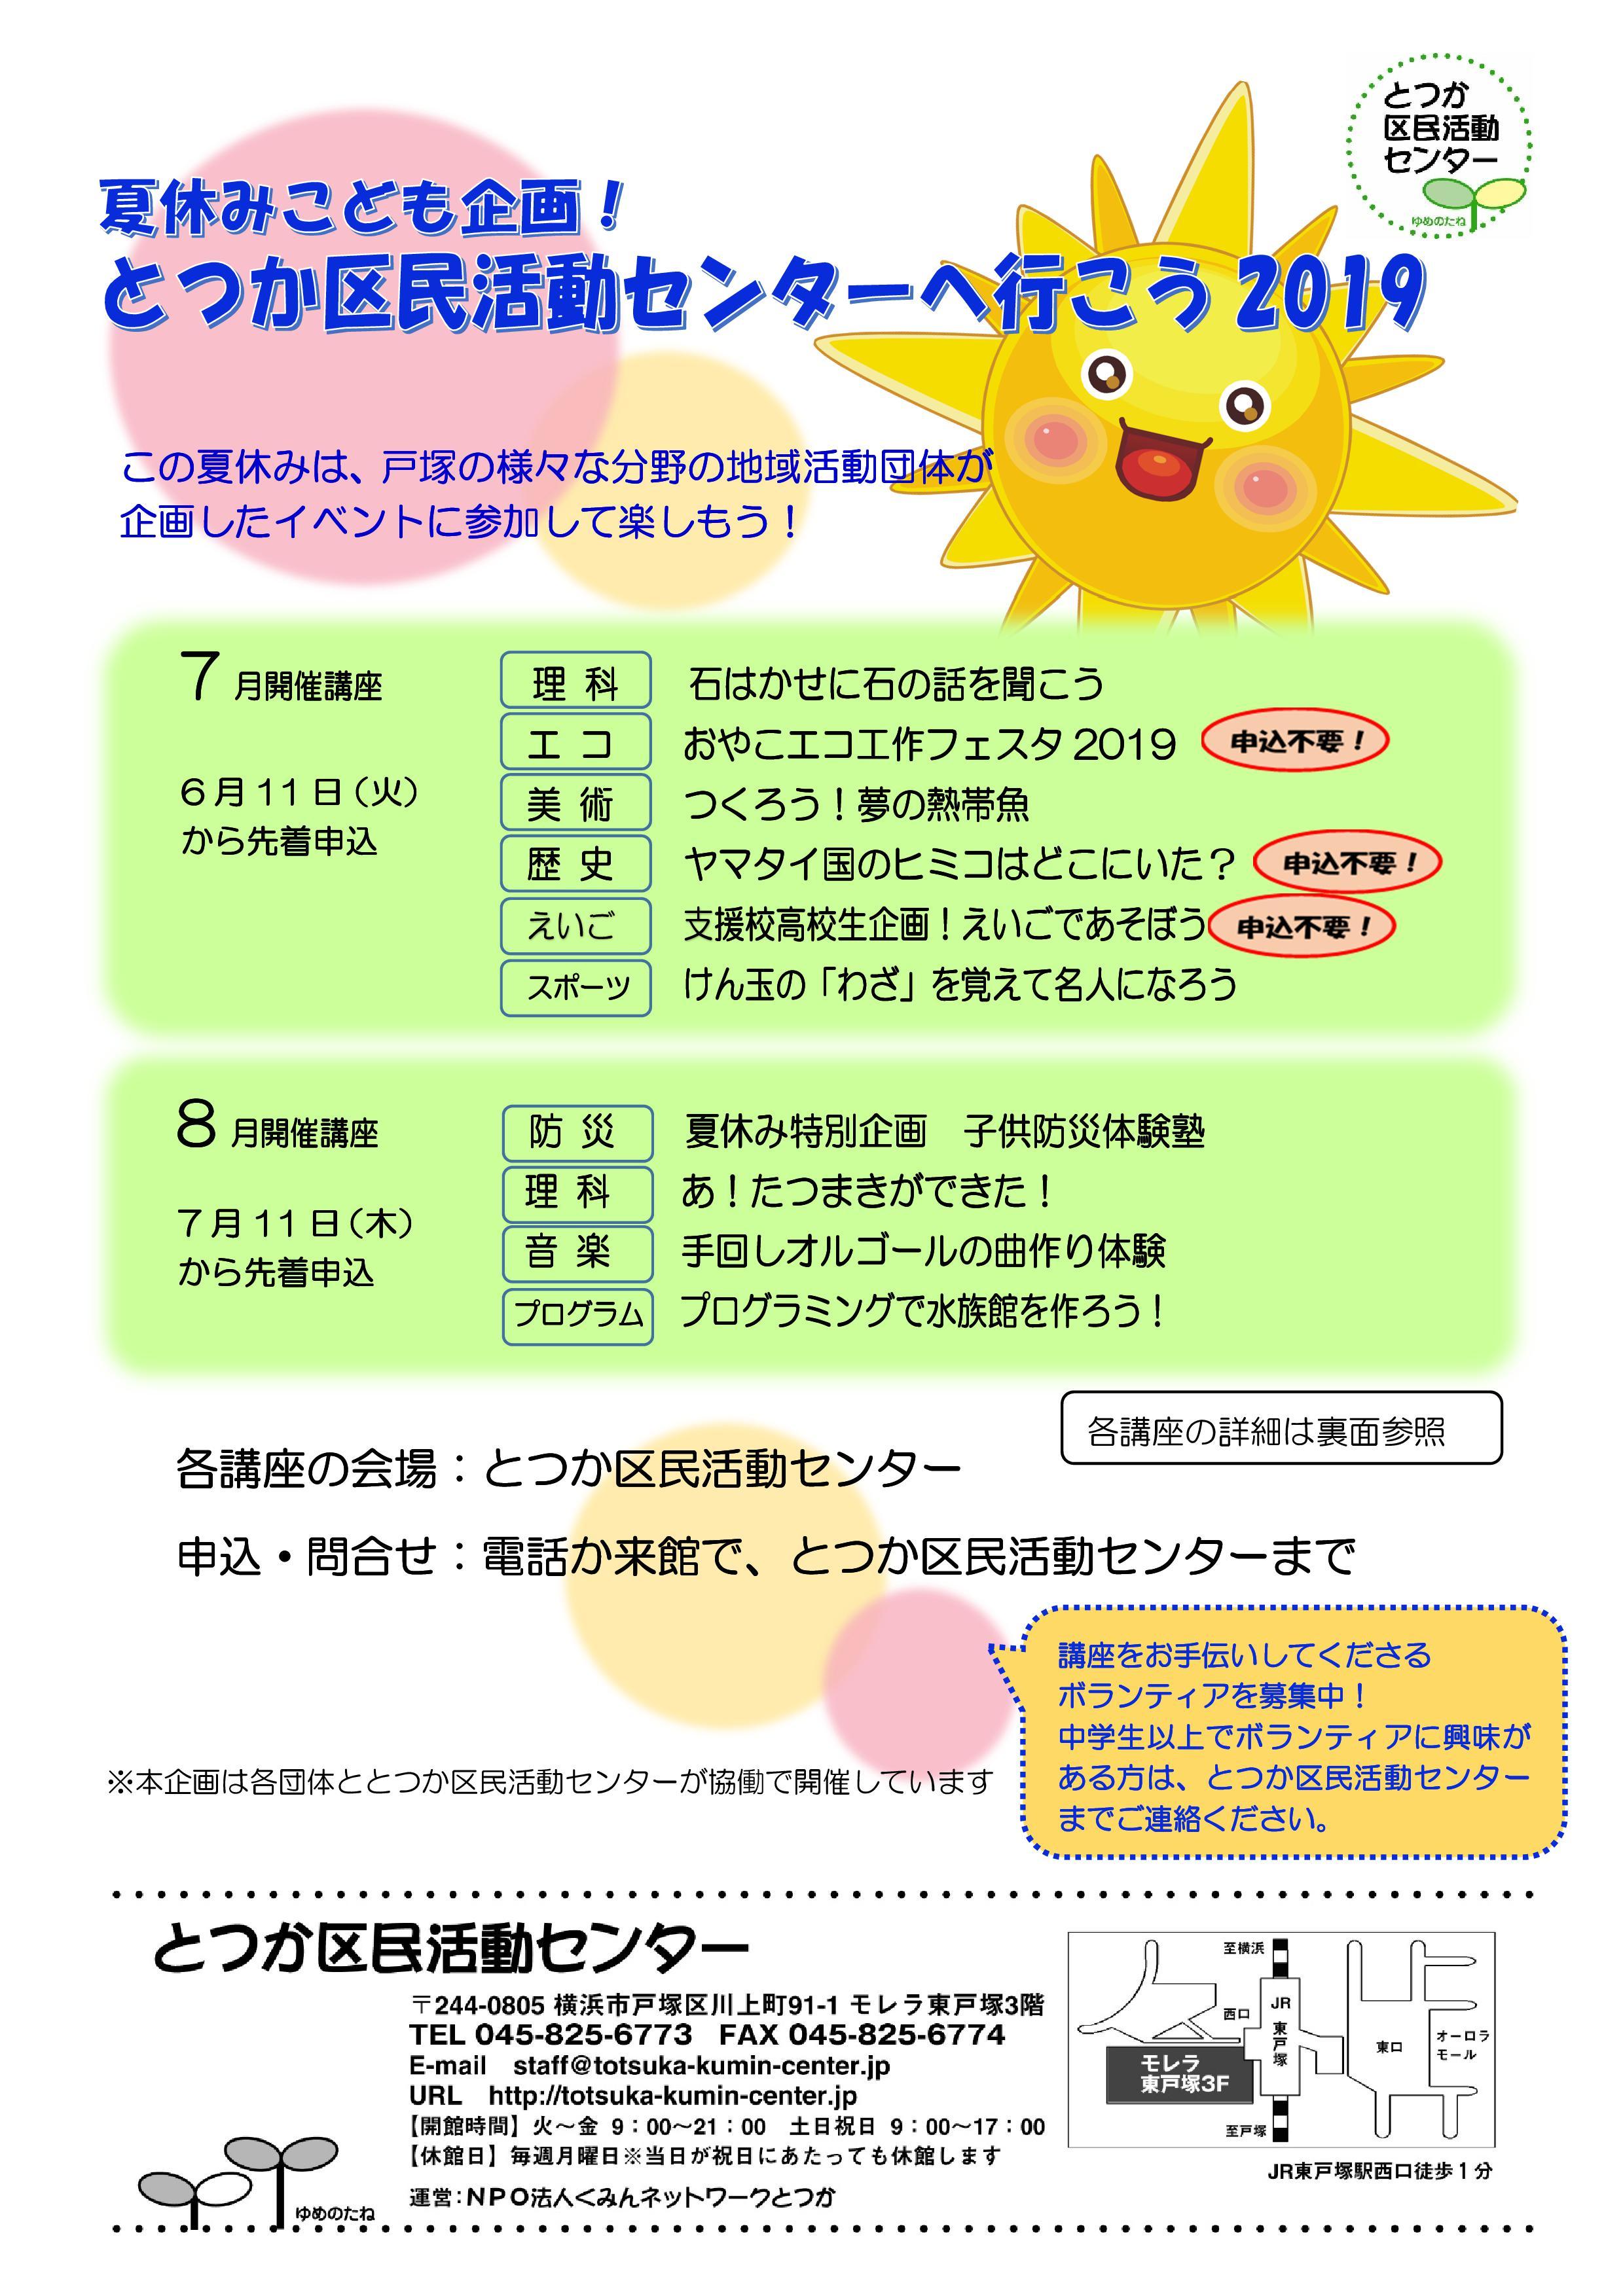 夏休みこども企画!とつか区民活動センターへ行こう2019~part1~(7月開催分)